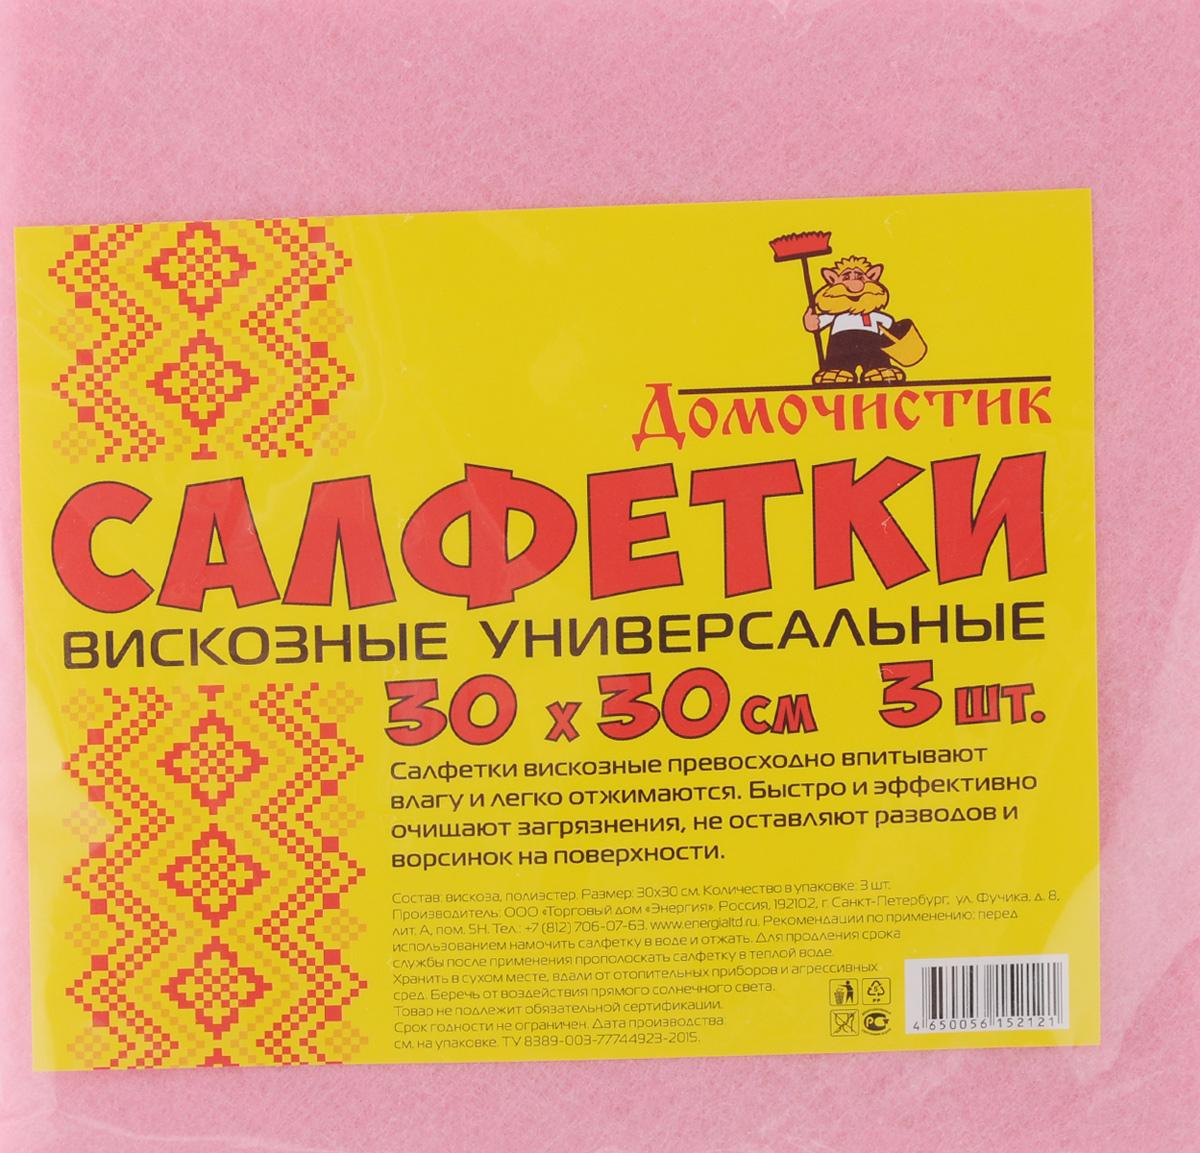 Салфетка для уборки Домочистик, универсальная, цвет: розовый, 30 x 30 см, 3 шт13004Универсальные салфетки для уборки Домочистик, выполненные из вискозы и полиэстера, превосходно впитывают влагу и легко отжимаются. Они быстро и эффективно очищают загрязнения, не оставляя разводов. Размер салфетки: 30 x 30 см.